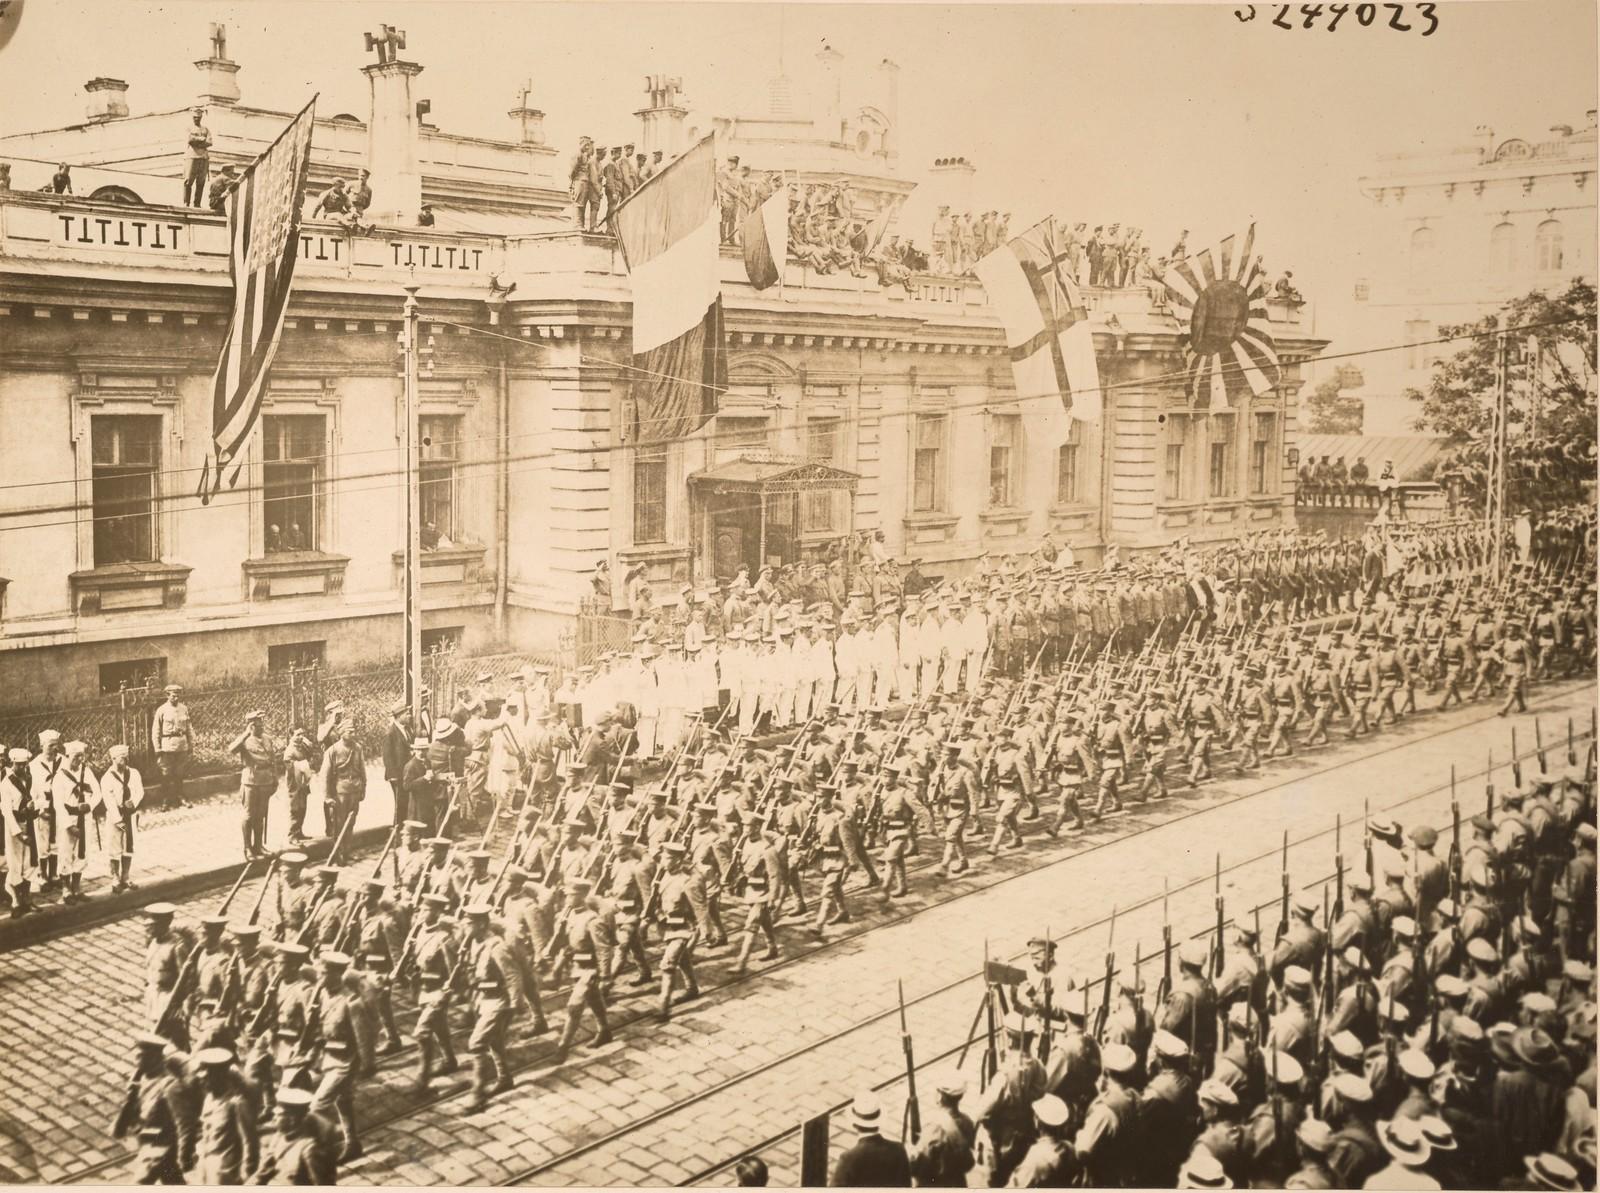 1918. Прибытие японских войск во Владивосток 12.08